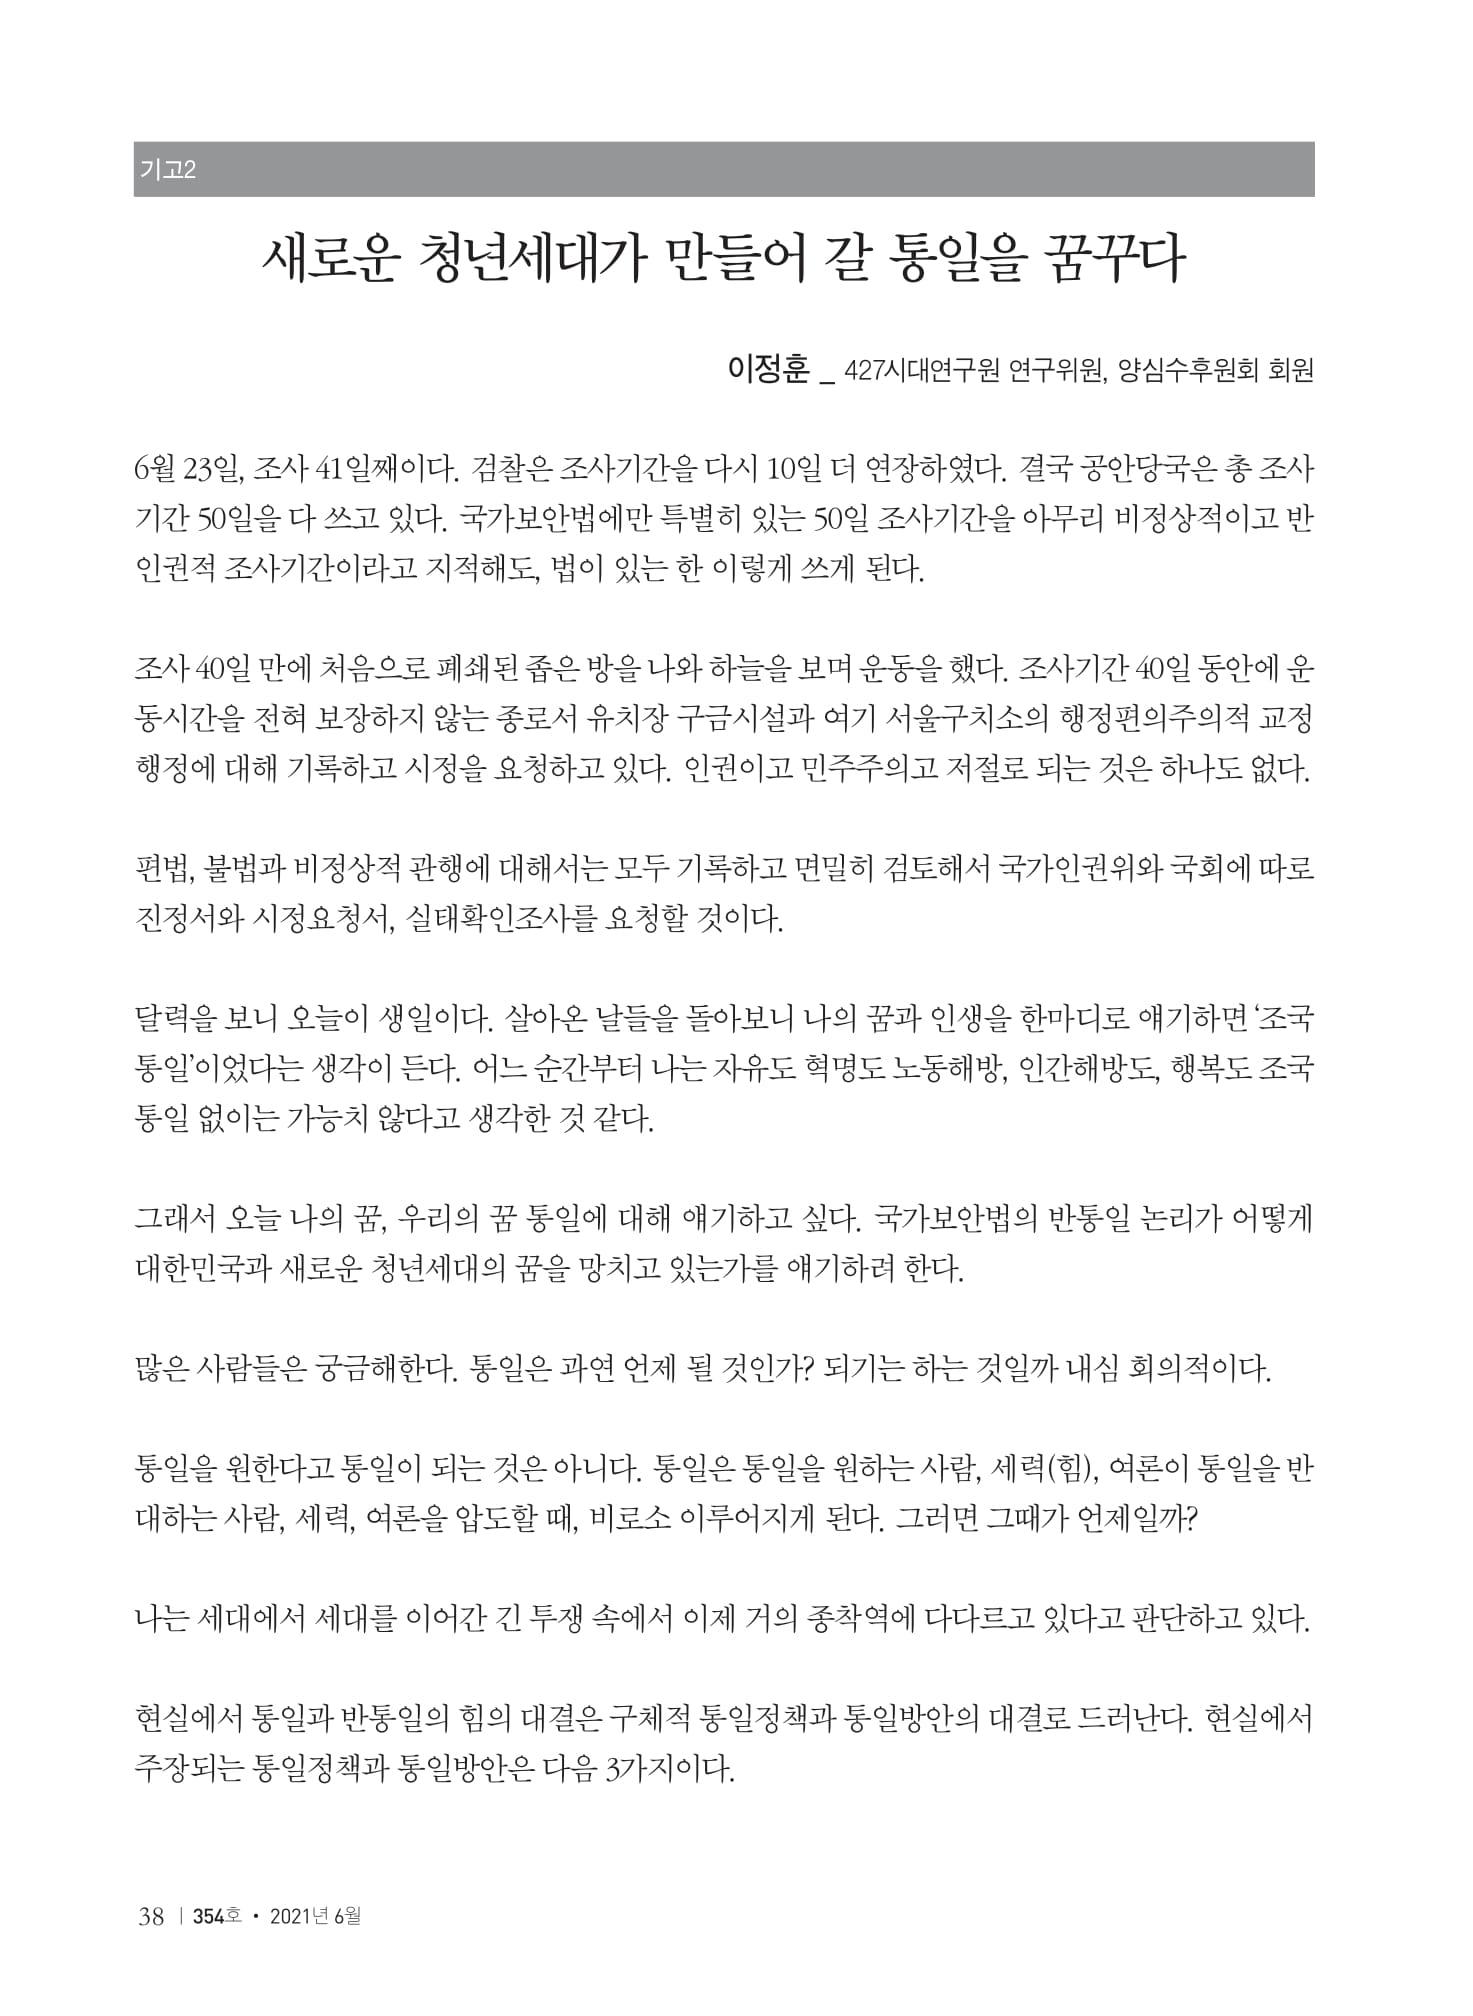 [양심수후원회] 소식지 354호 web 수정-40.jpg